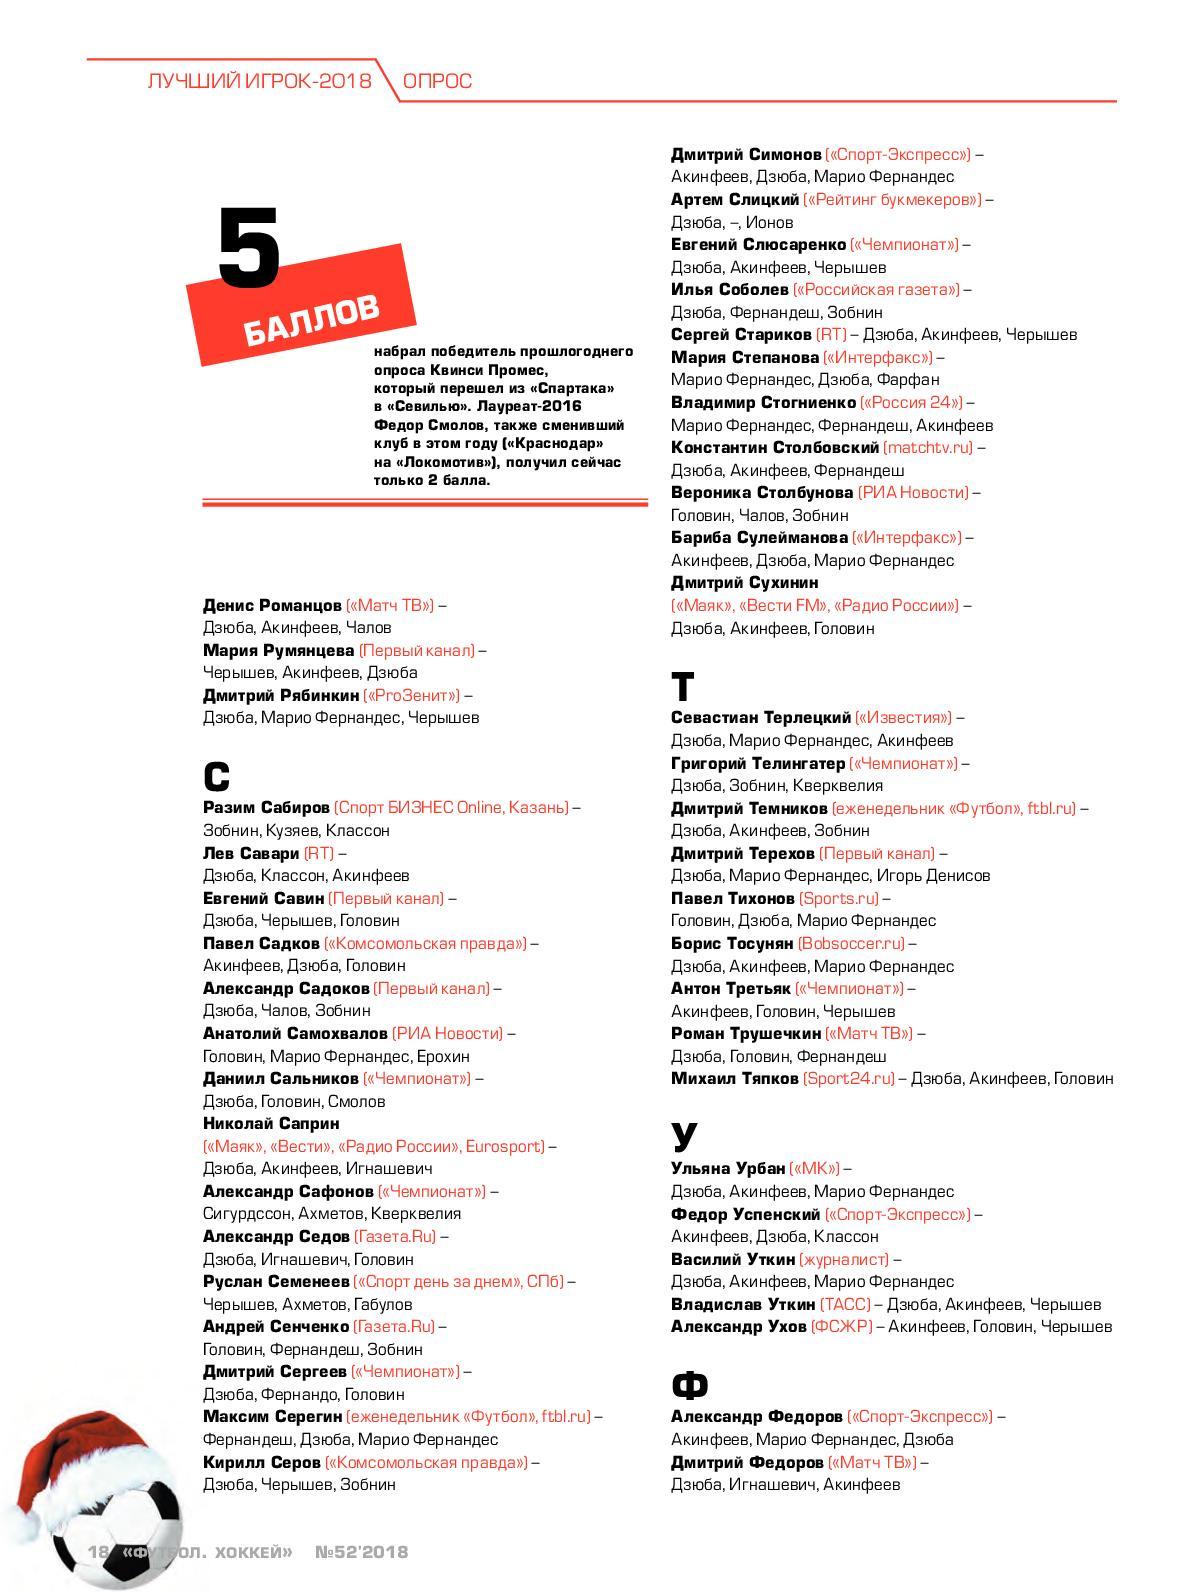 Топ 10 букмекерских контор россии онлайн олимп